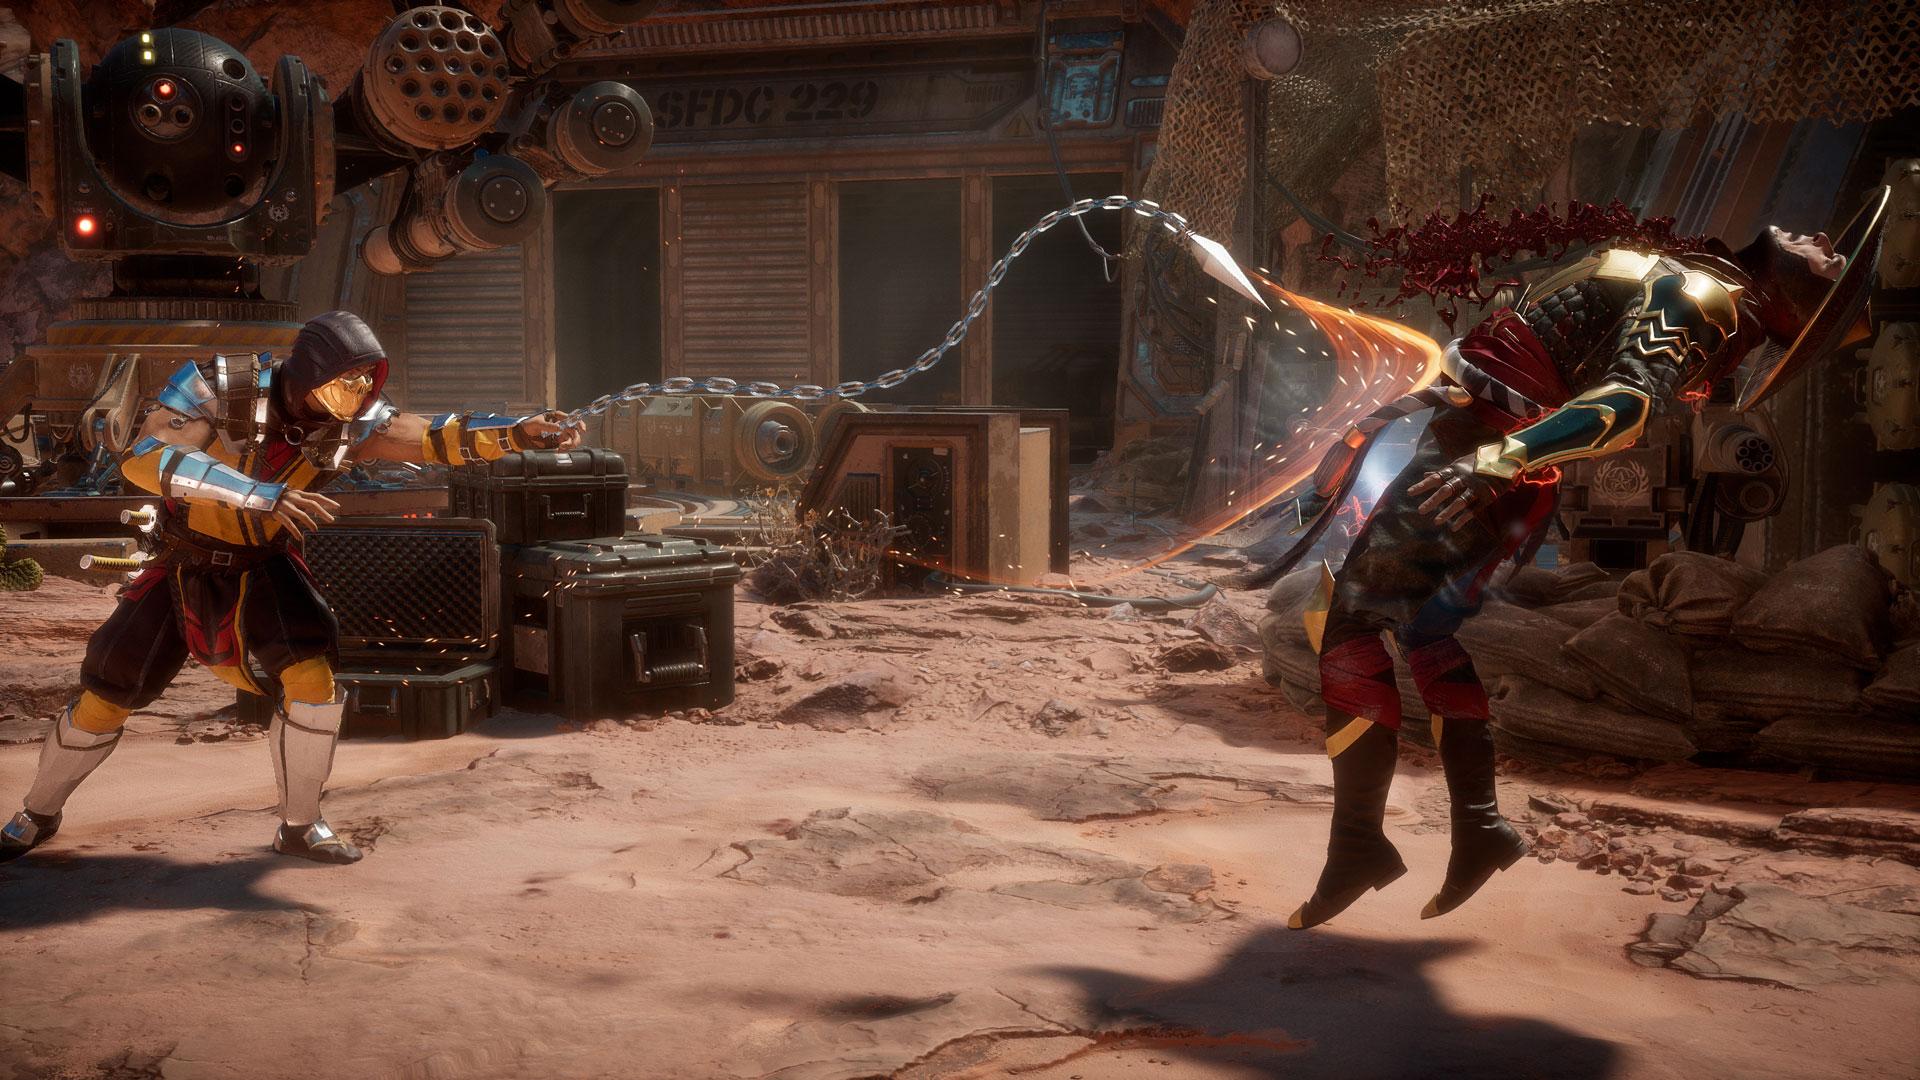 Mortal Kombat 11 [PC PS4 XONE SWITCH] Ss_25db57e715957f9673a69723867942f79b8357d9.1920x1080